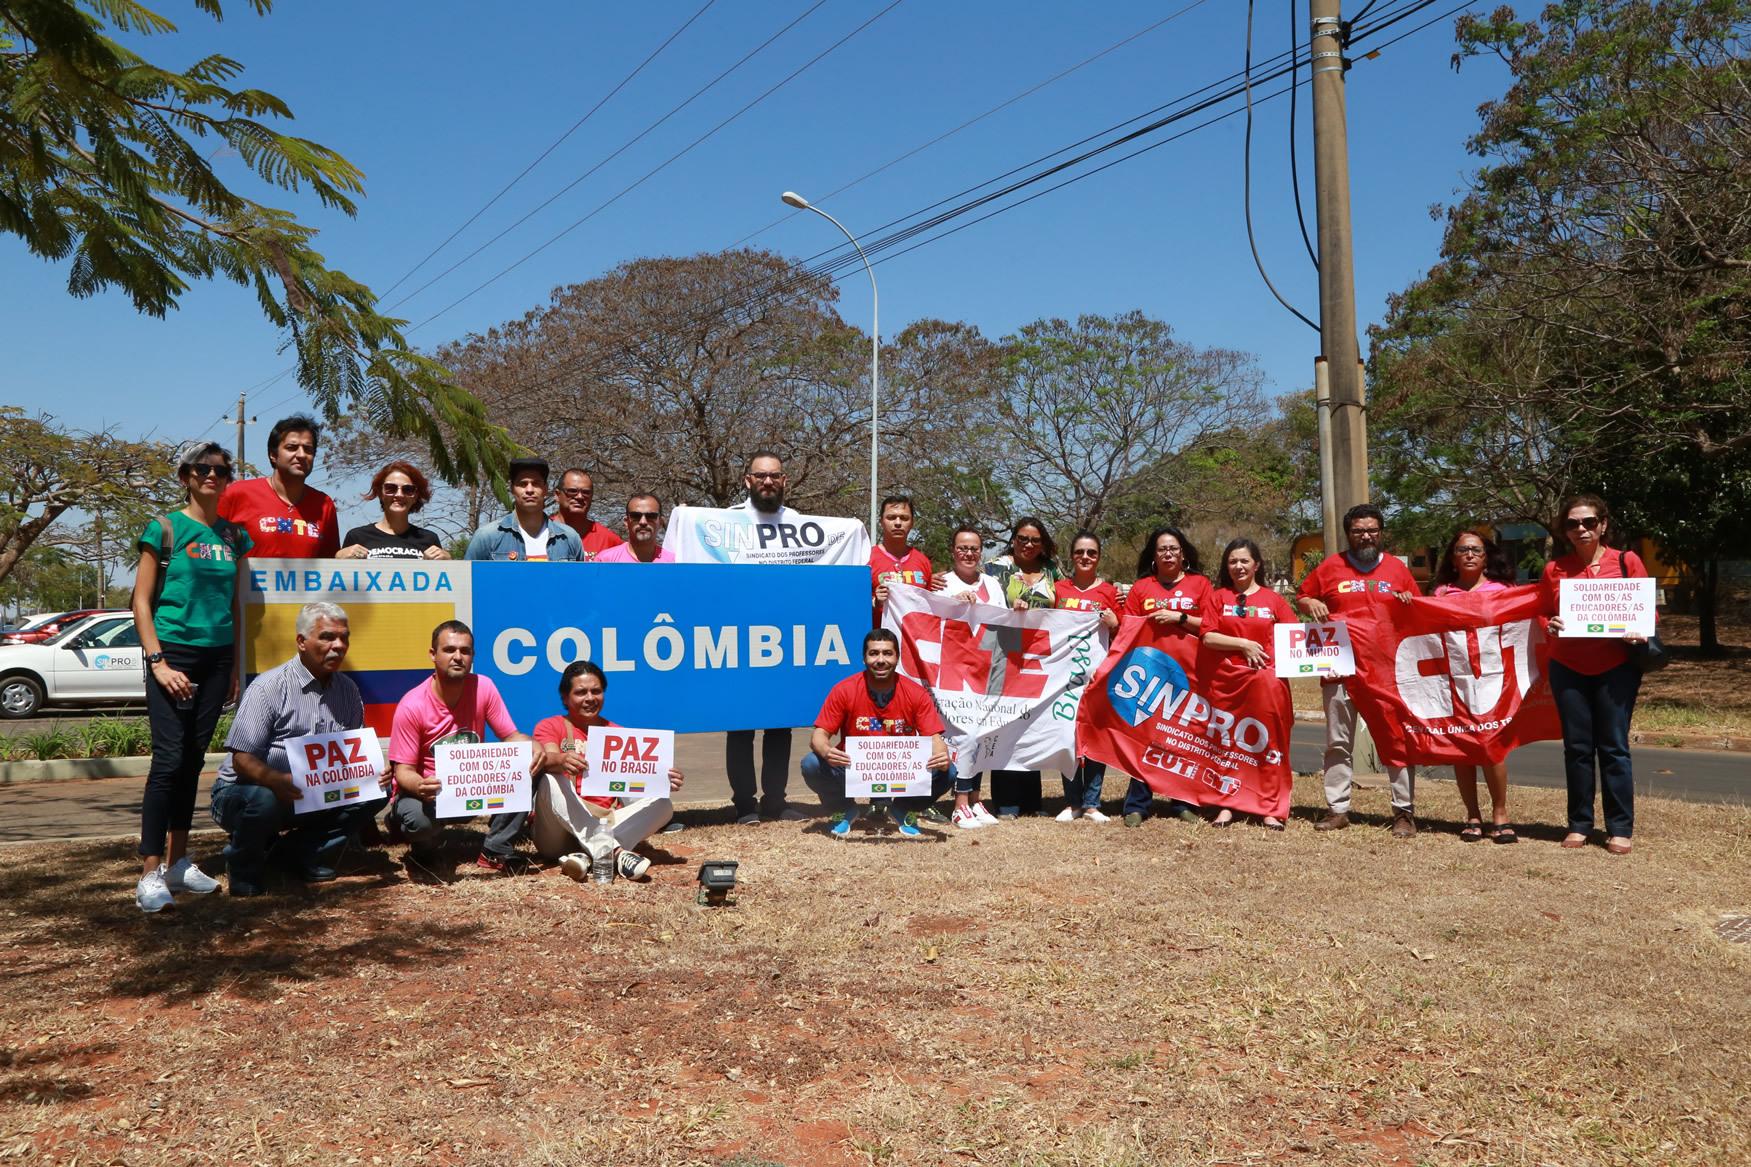 2019.09.12-Ato-Embaixada-Colombia_fotos-ECOM-14